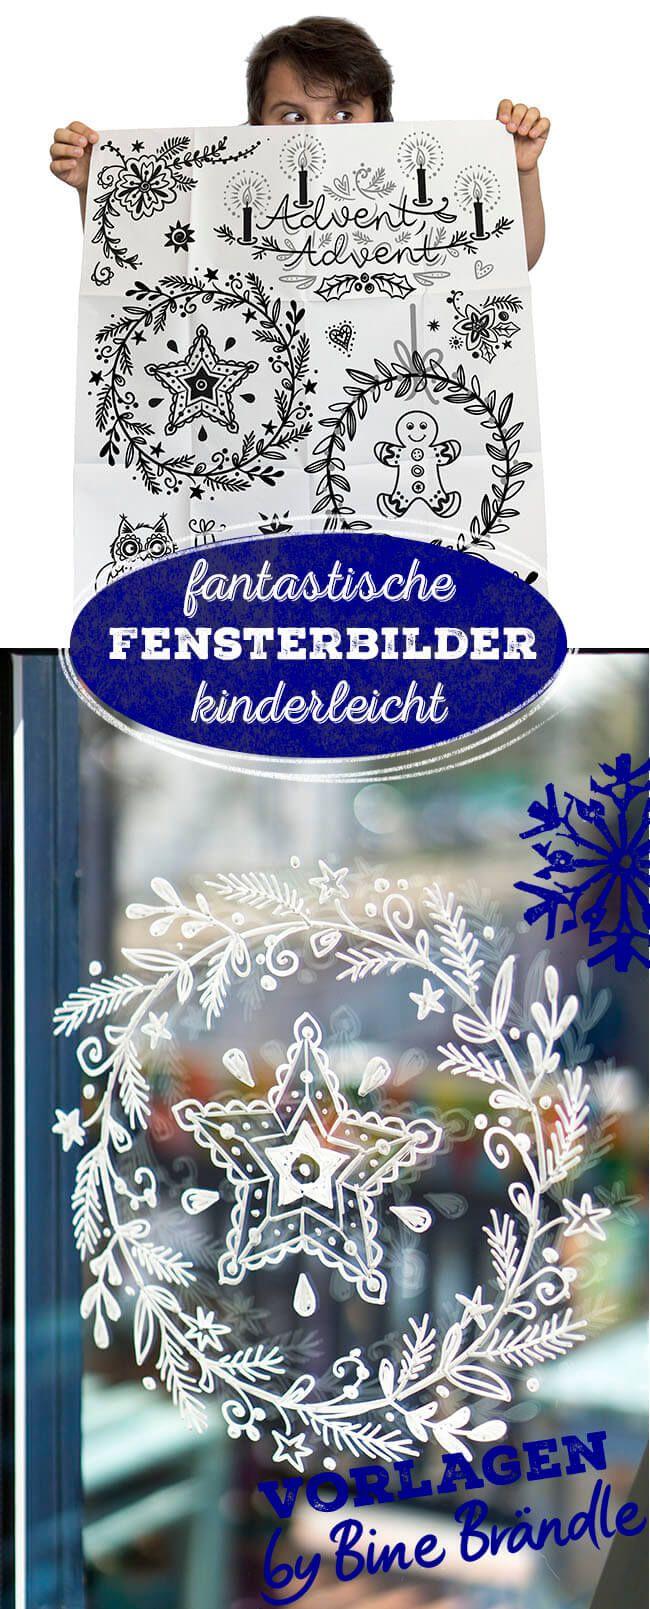 Vorlagenmappe Xxl Mappe Bine Brandle Weihnachten Familie Fensterbilder Fensterbilder Weihnachten